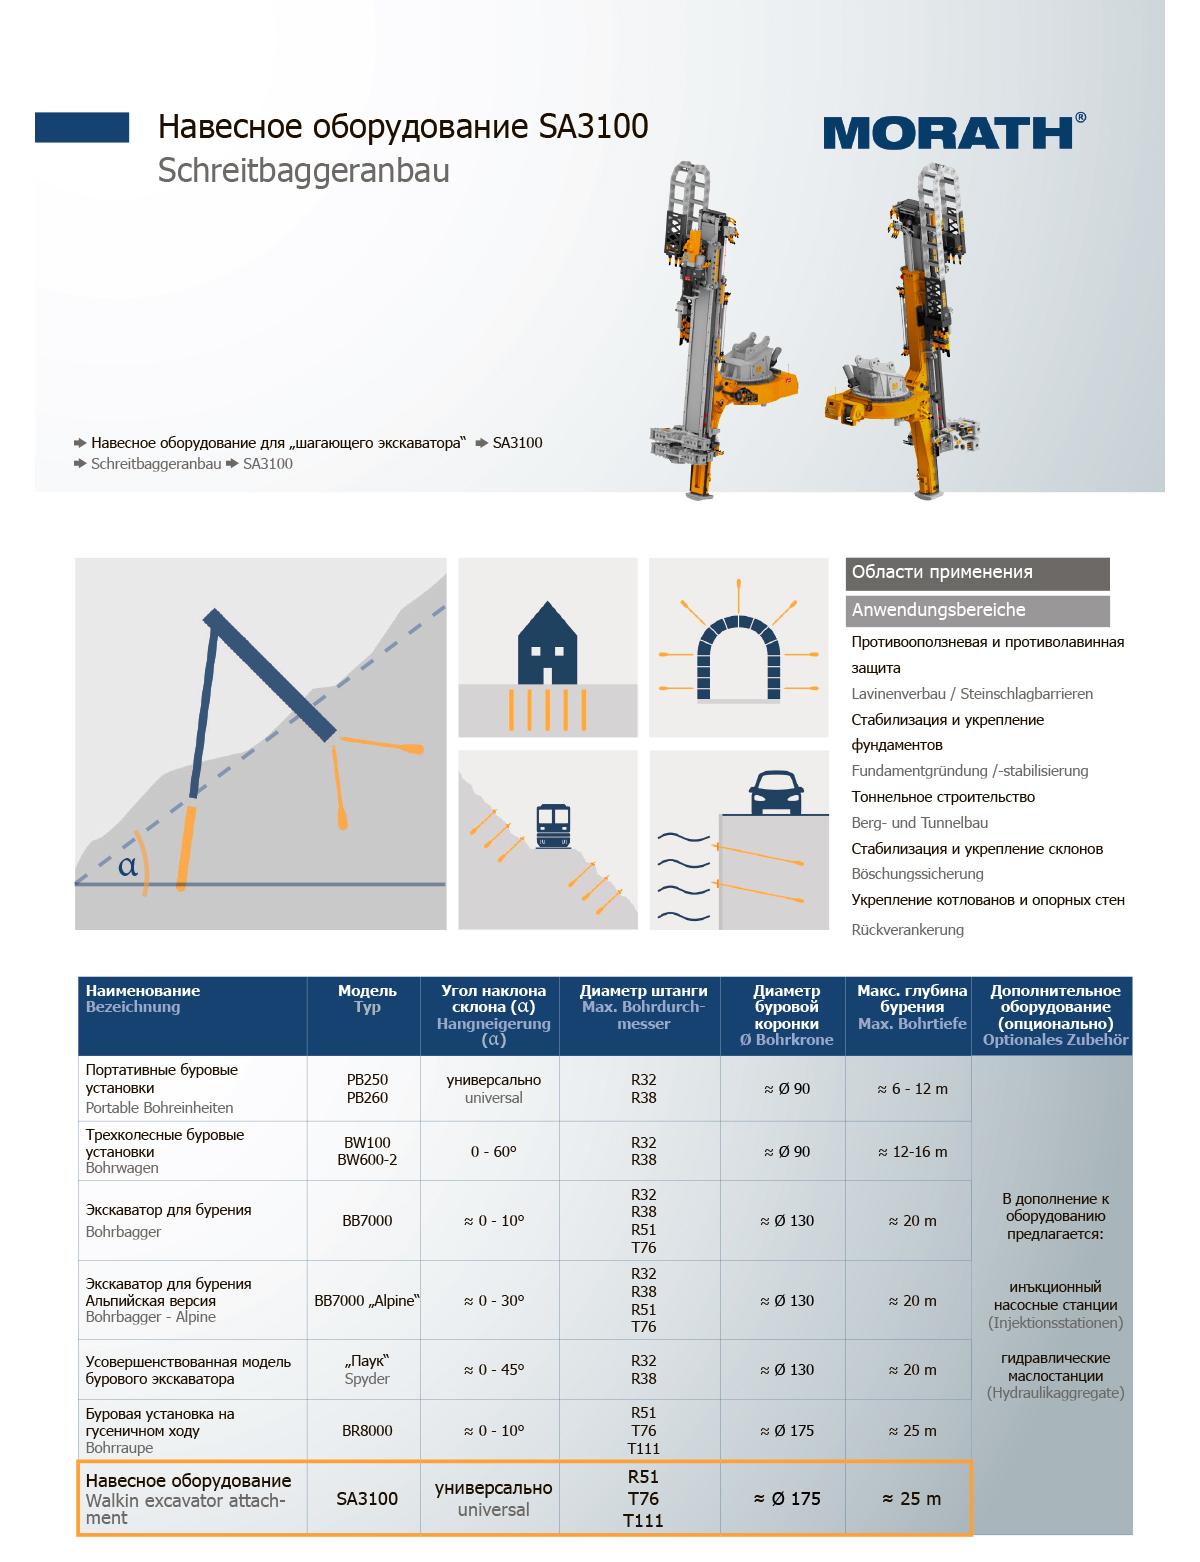 Технічна інформація до навісного бурового обладнання SA3100 Morath